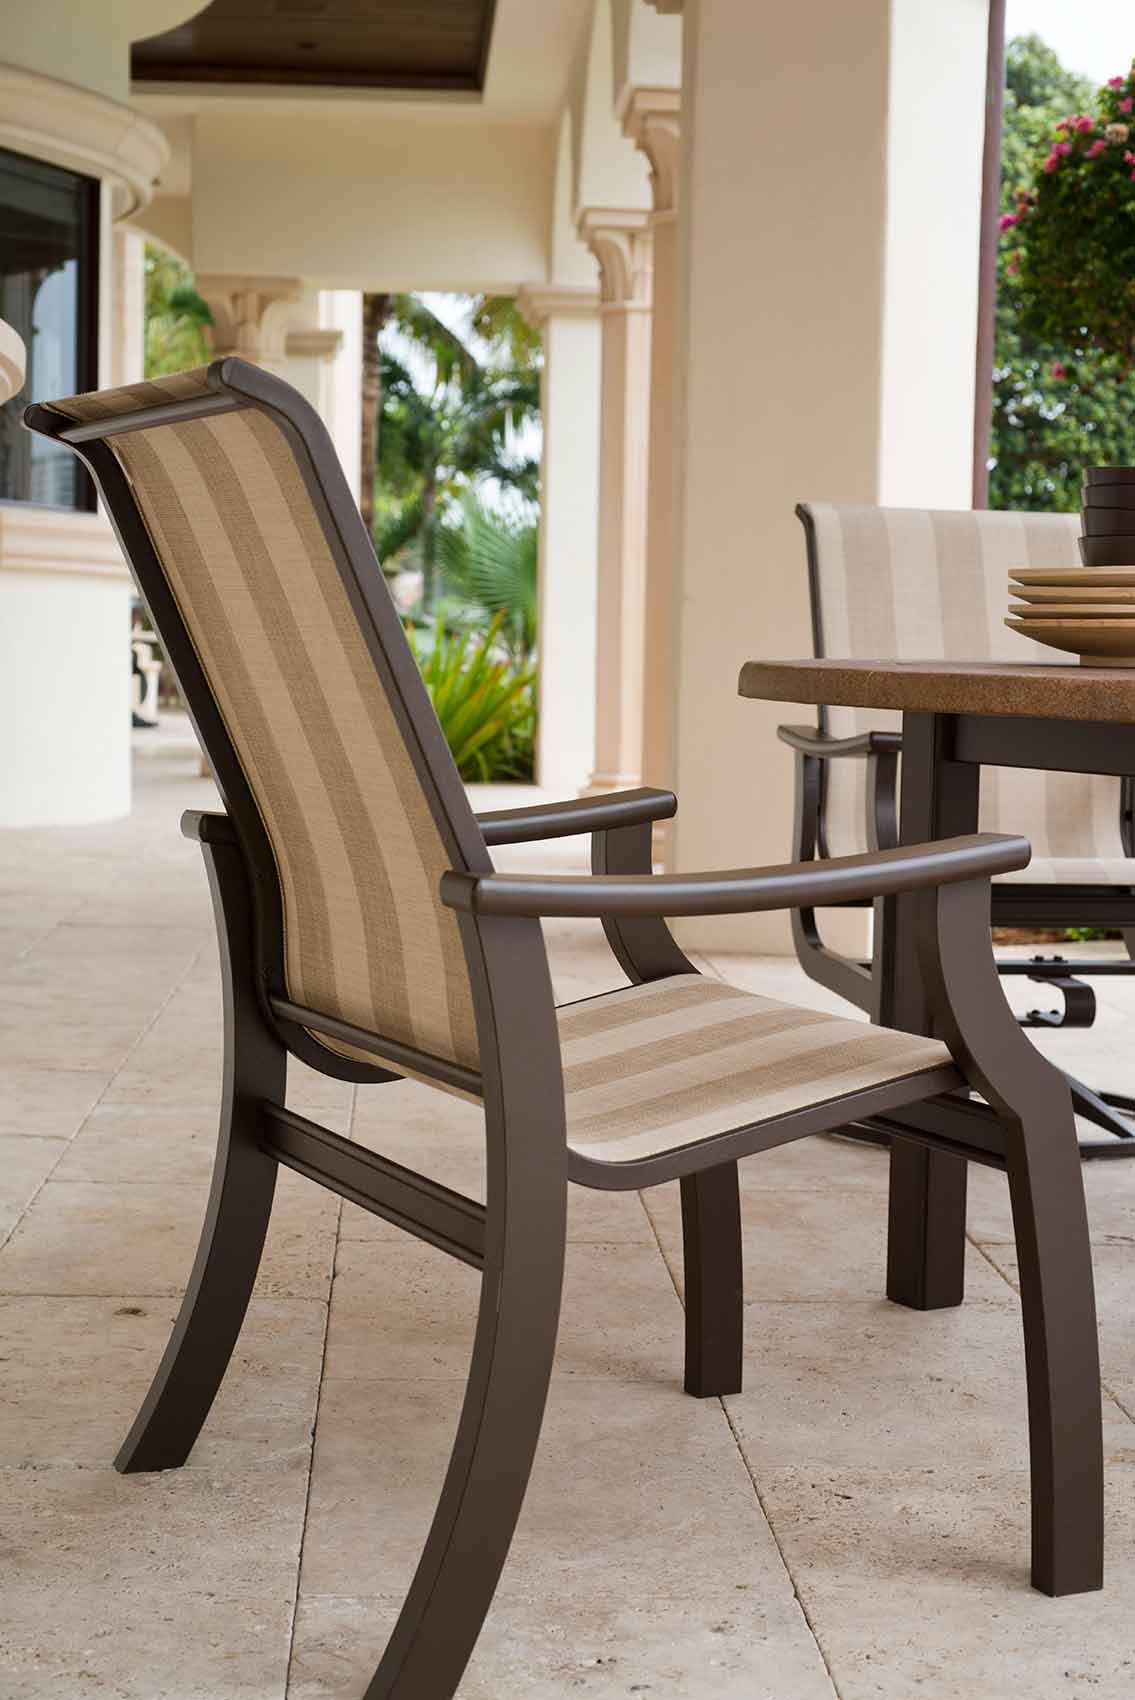 Chaises avec Tissus Sling | Chaises Extérieures | JML inc.